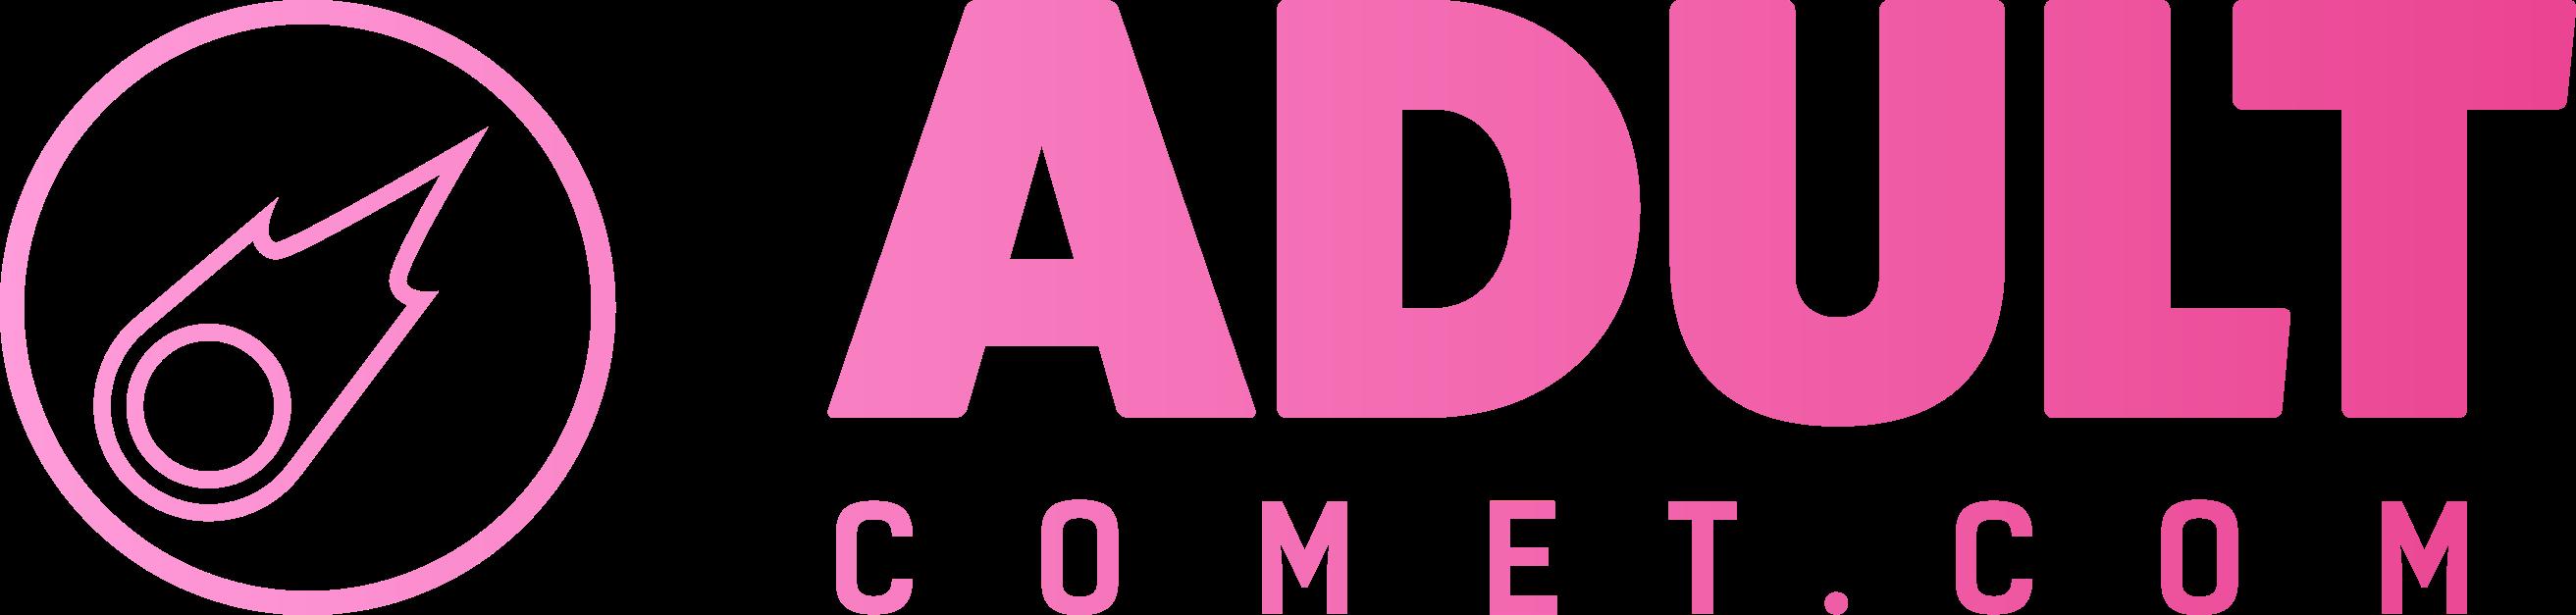 AdultComet.com